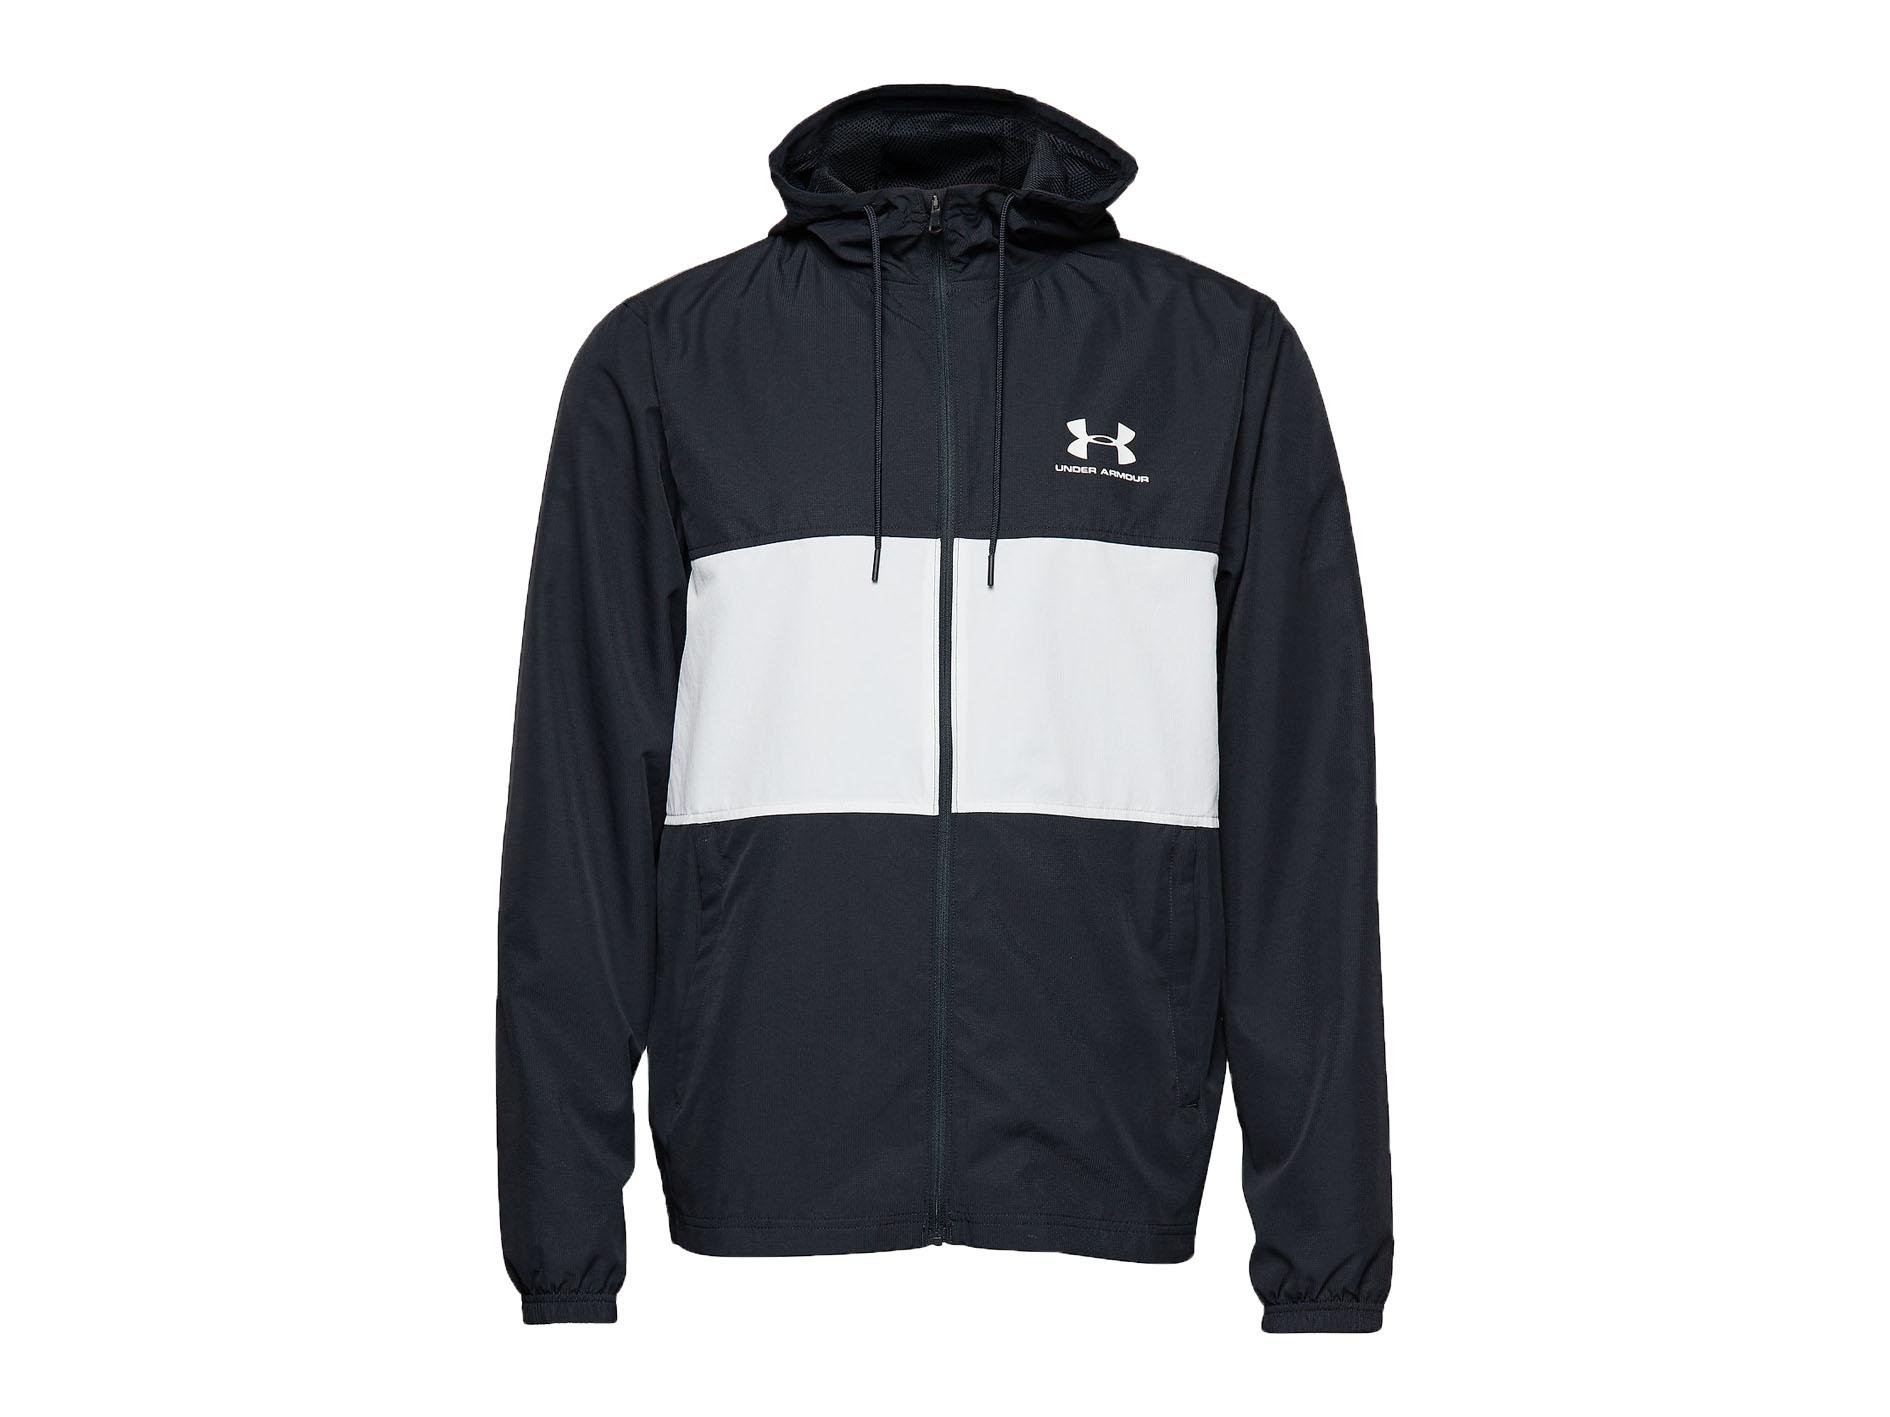 En sportig lättvikt jacka från Under Armour. Jackan är svart med ett vitt sträck i mitten av framsidan.